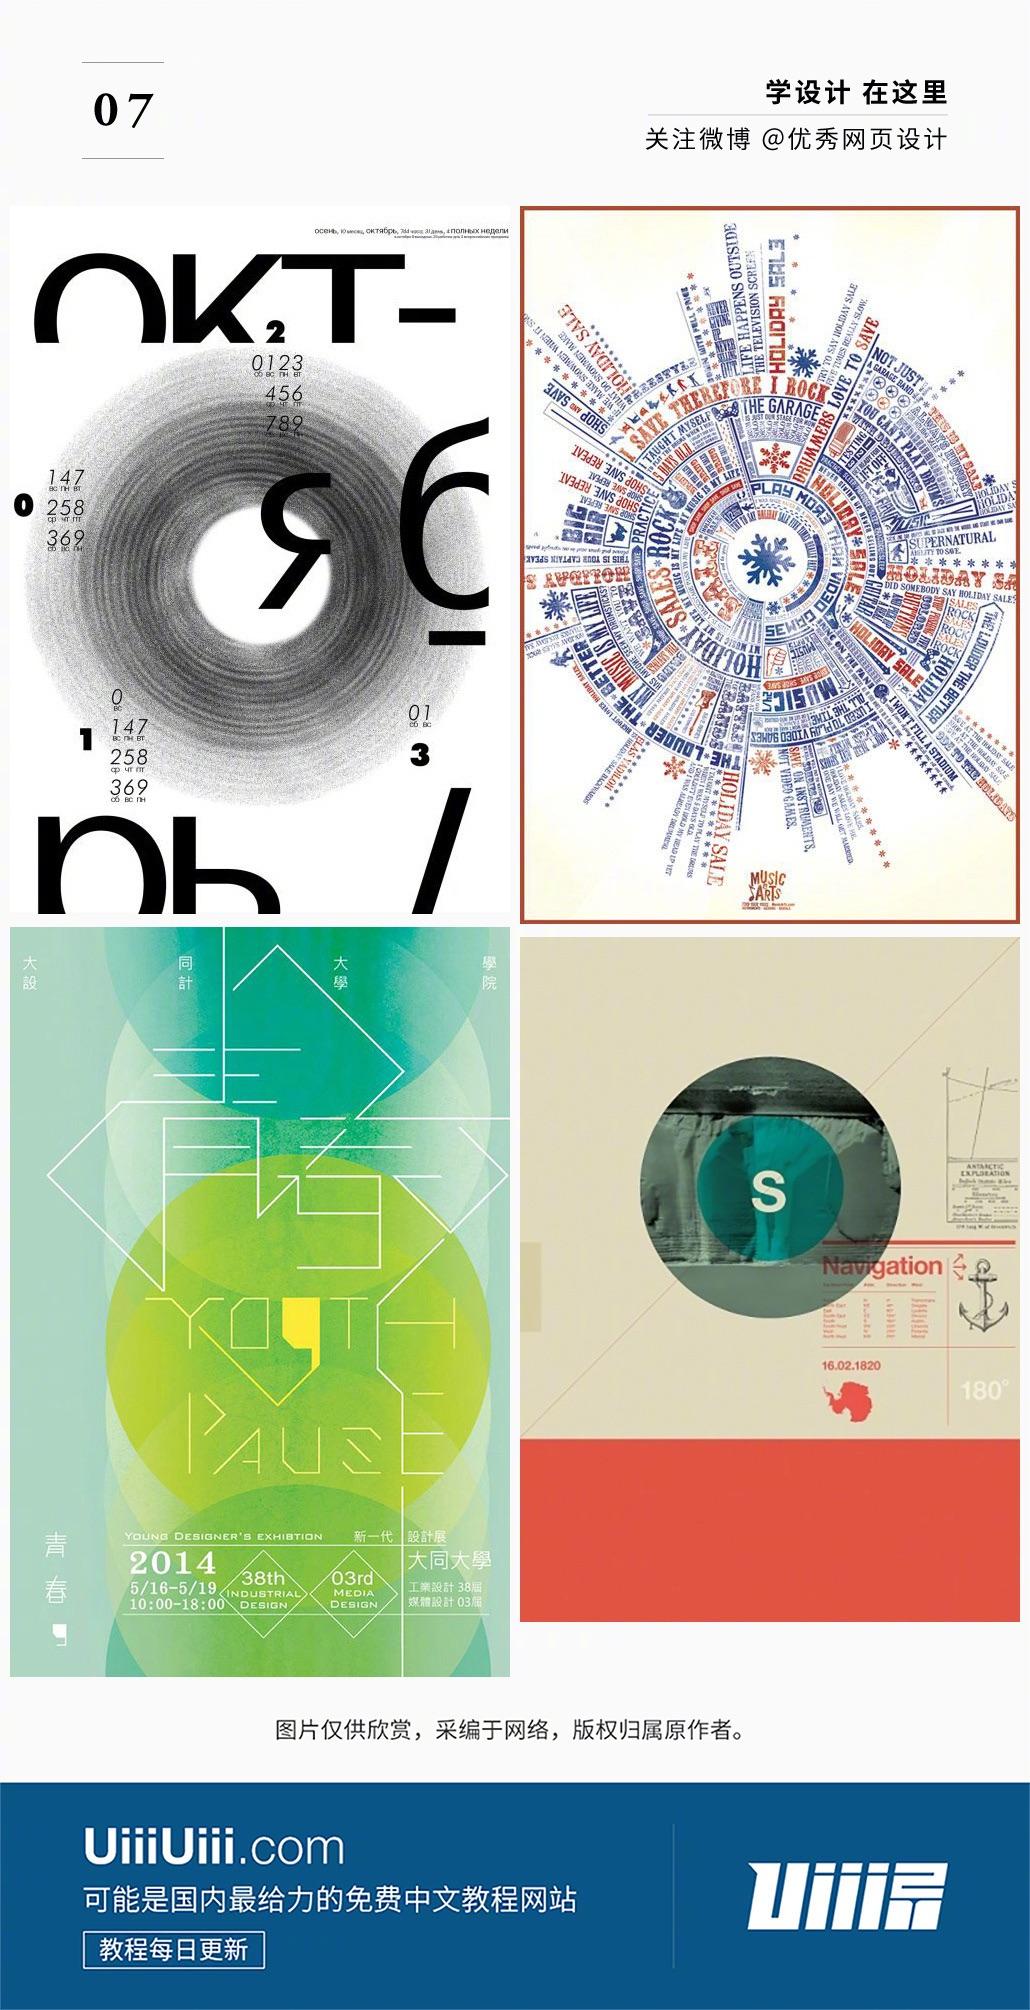 36个创意圆的展示形式